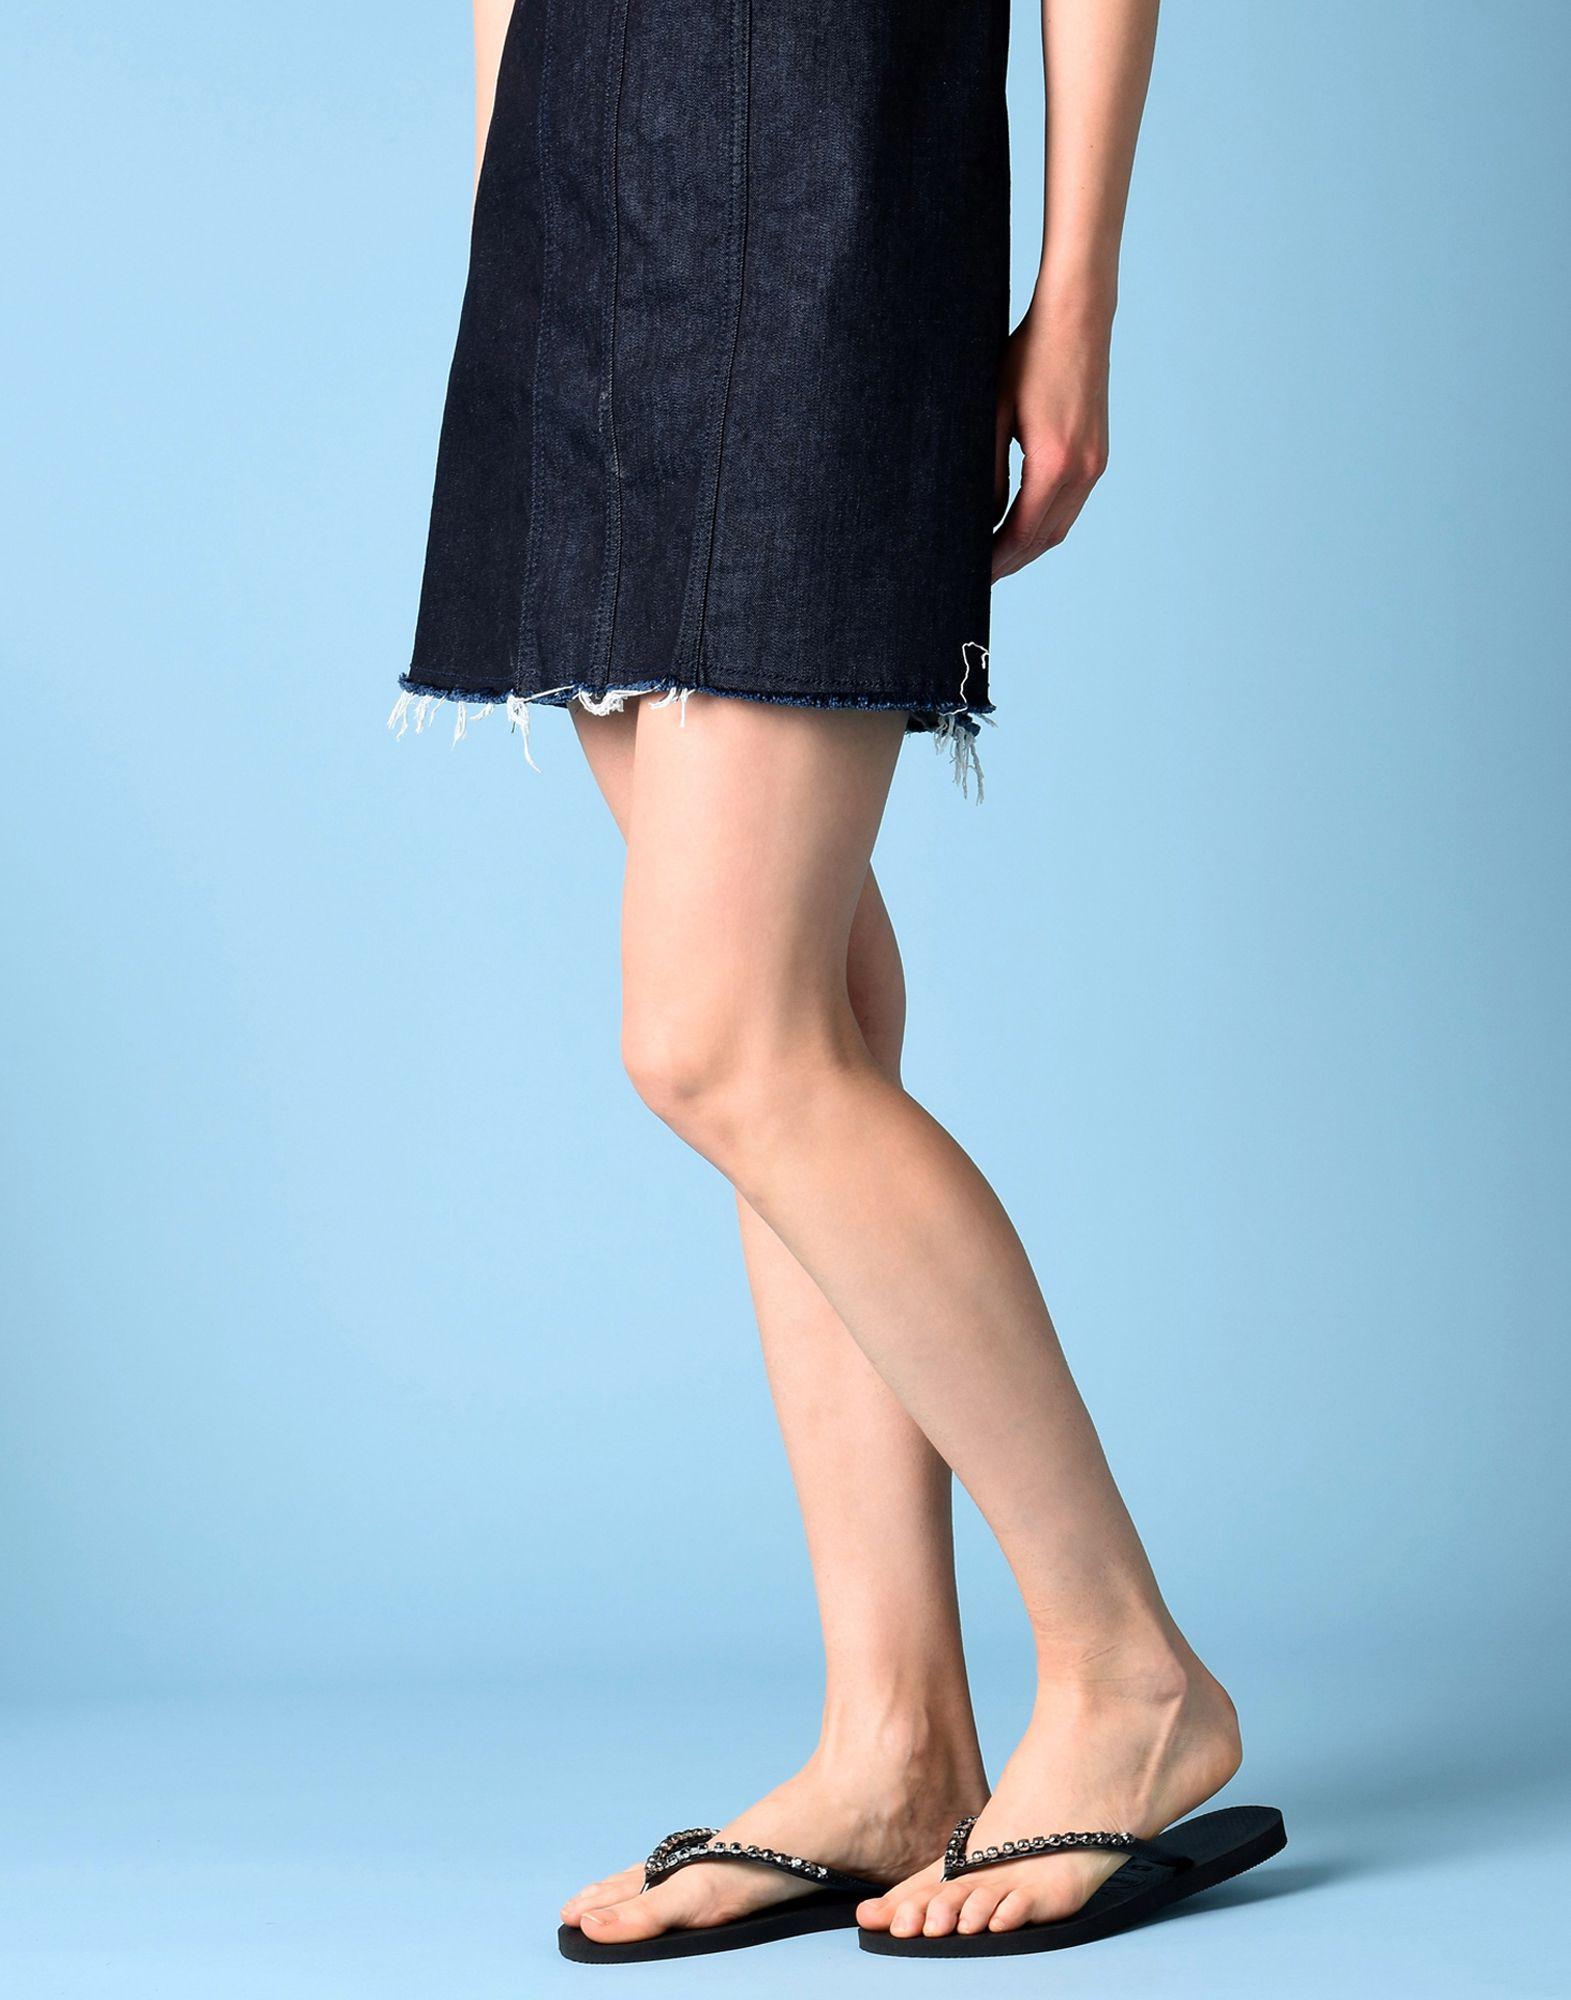 Havaianas Dianetten Damen  11266909SF Schuhe Gute Qualität beliebte Schuhe 11266909SF fc880a